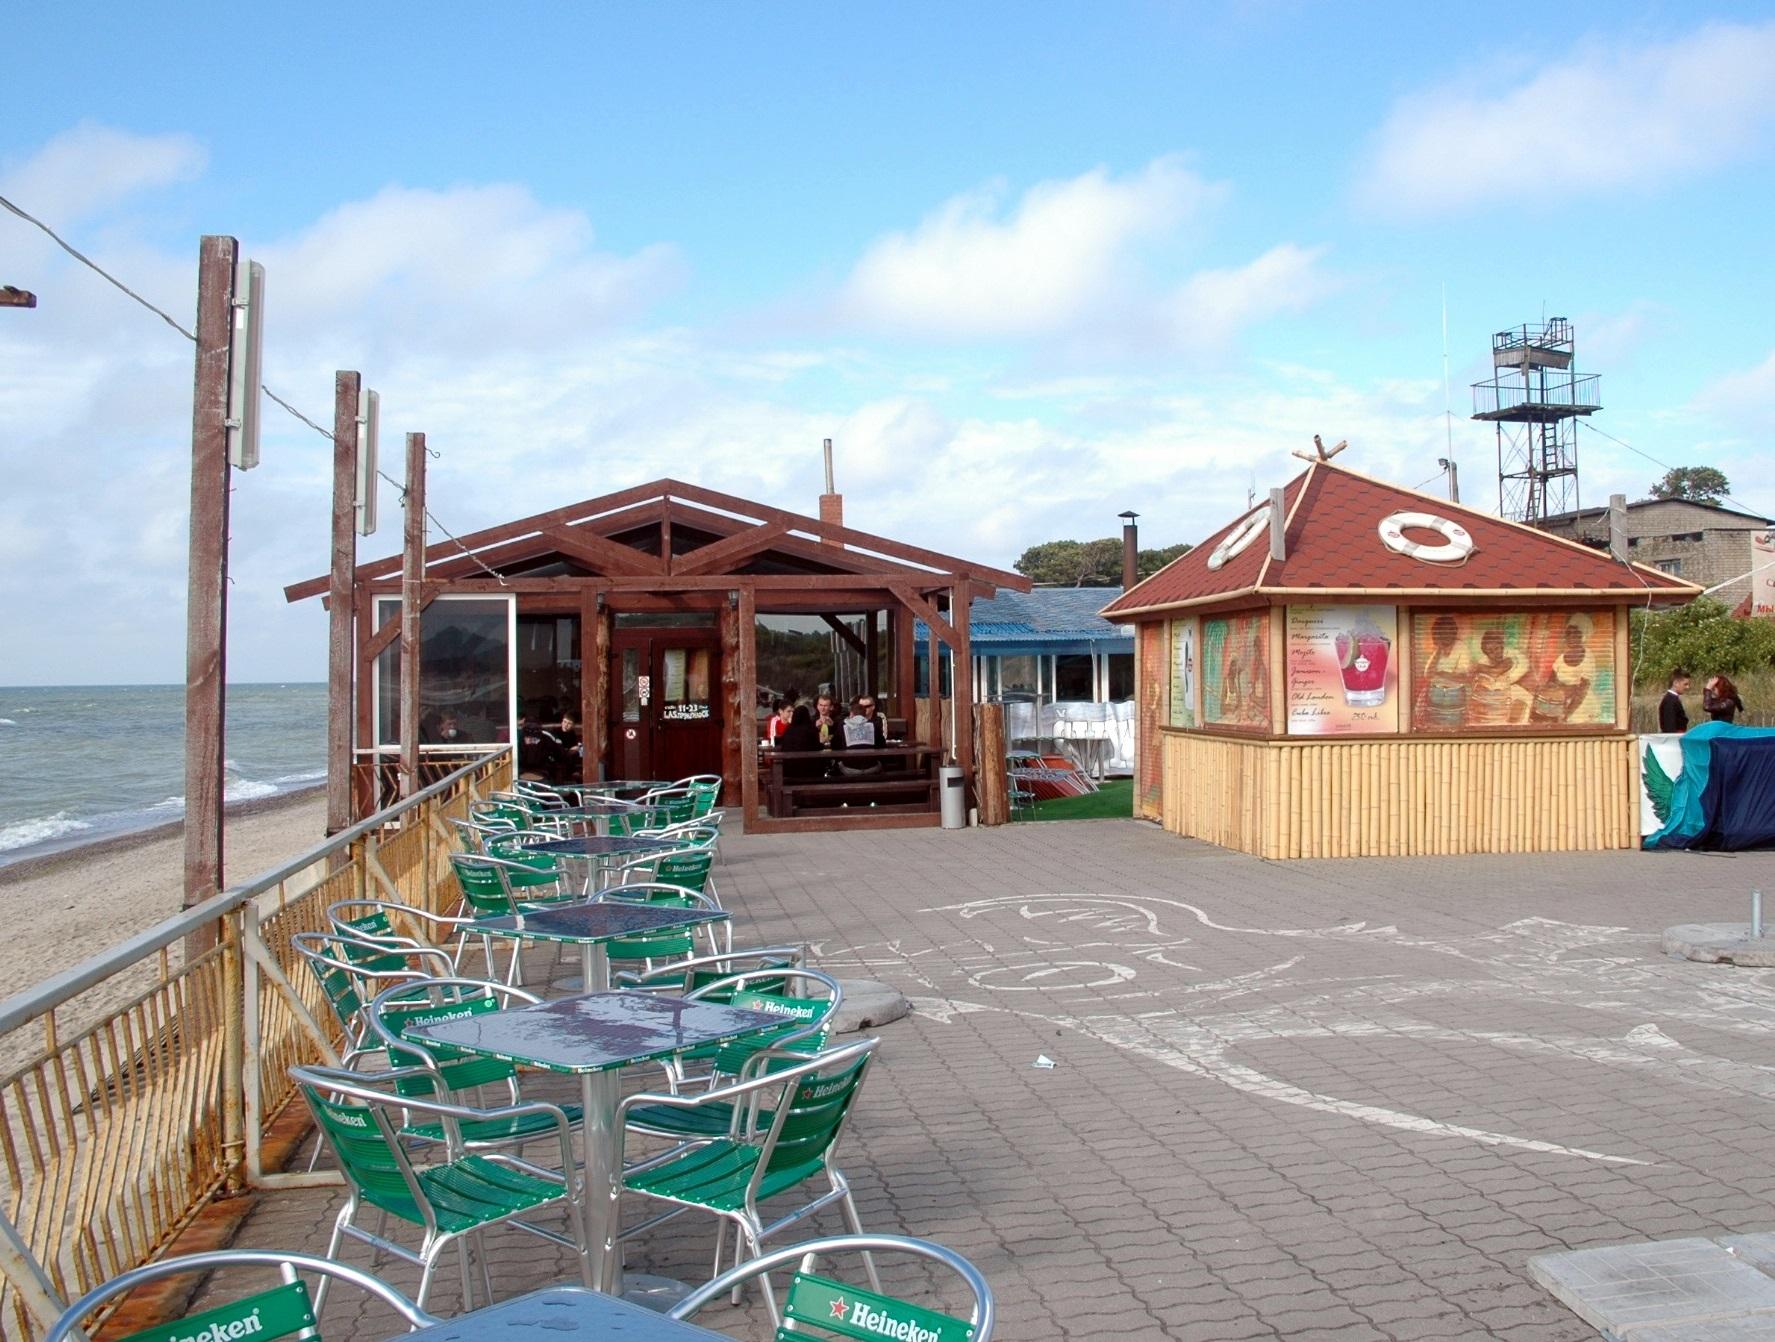 Strandcafe Sarkau, Kurische Nehrung